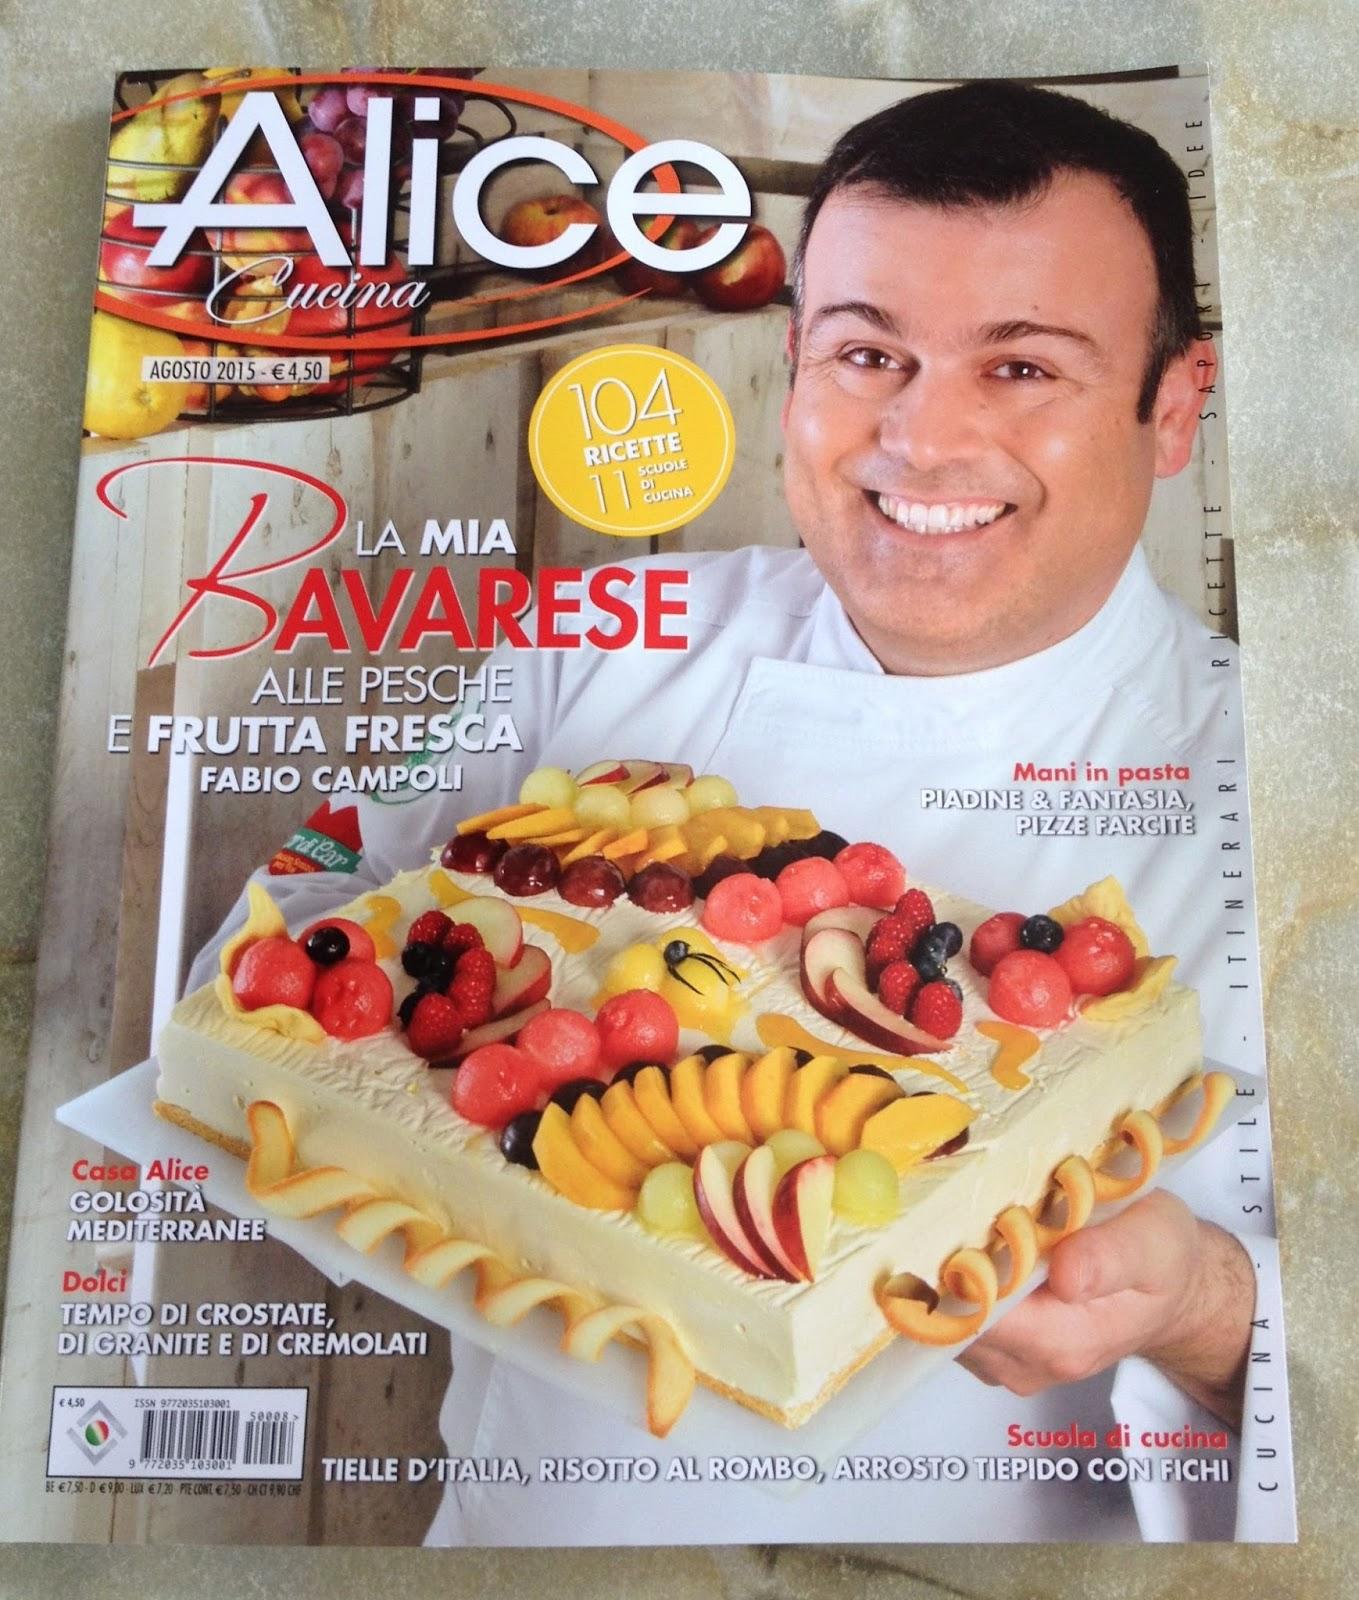 Batuffolando ricette numero di agosto del mensile alice for Alice cucina ricette